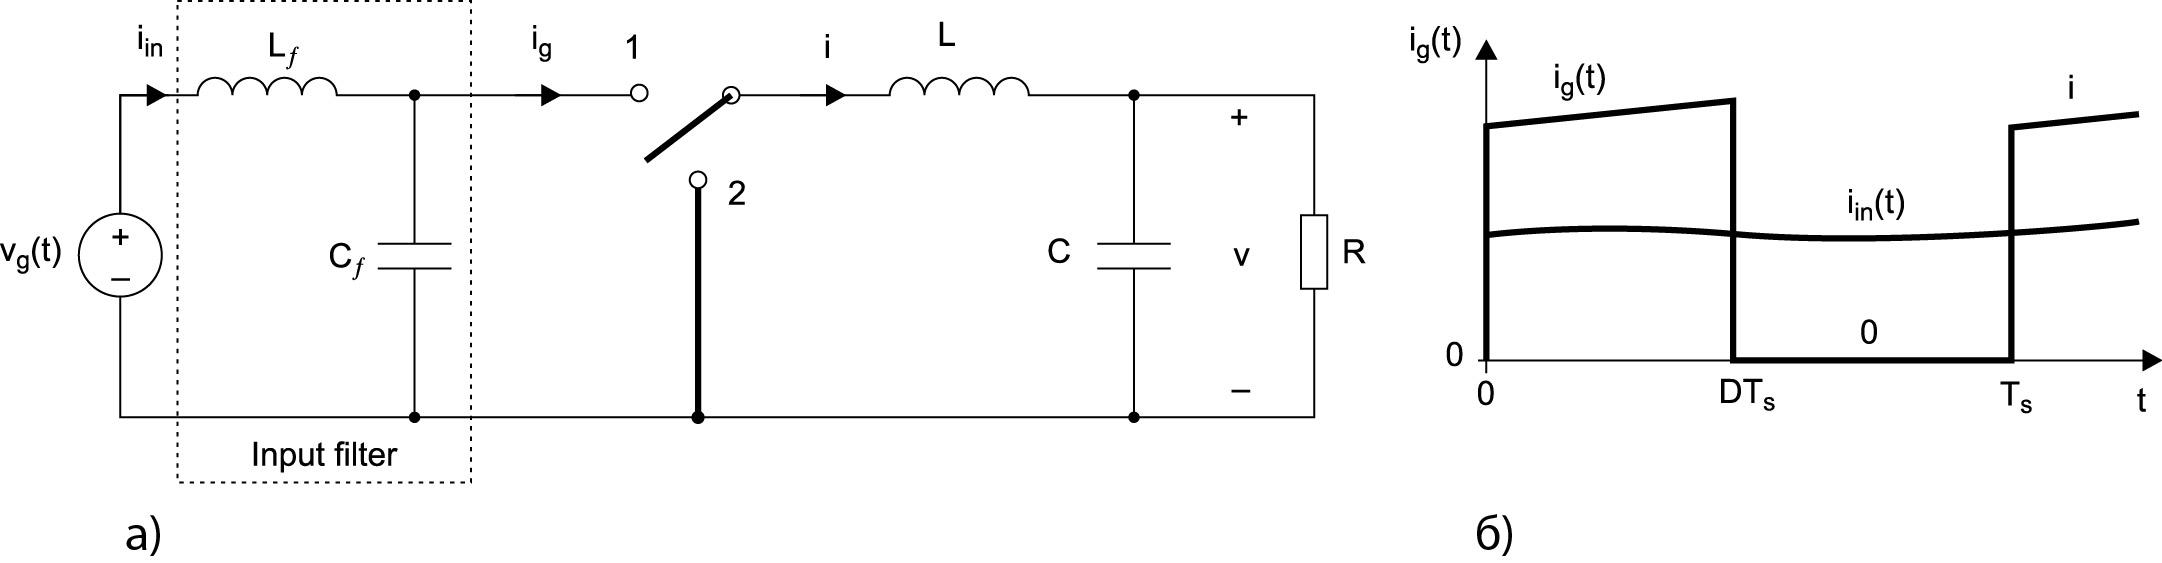 Упрощенная силовая схема понижающего конвертера (ИППН) с входным фильтром нижних частот